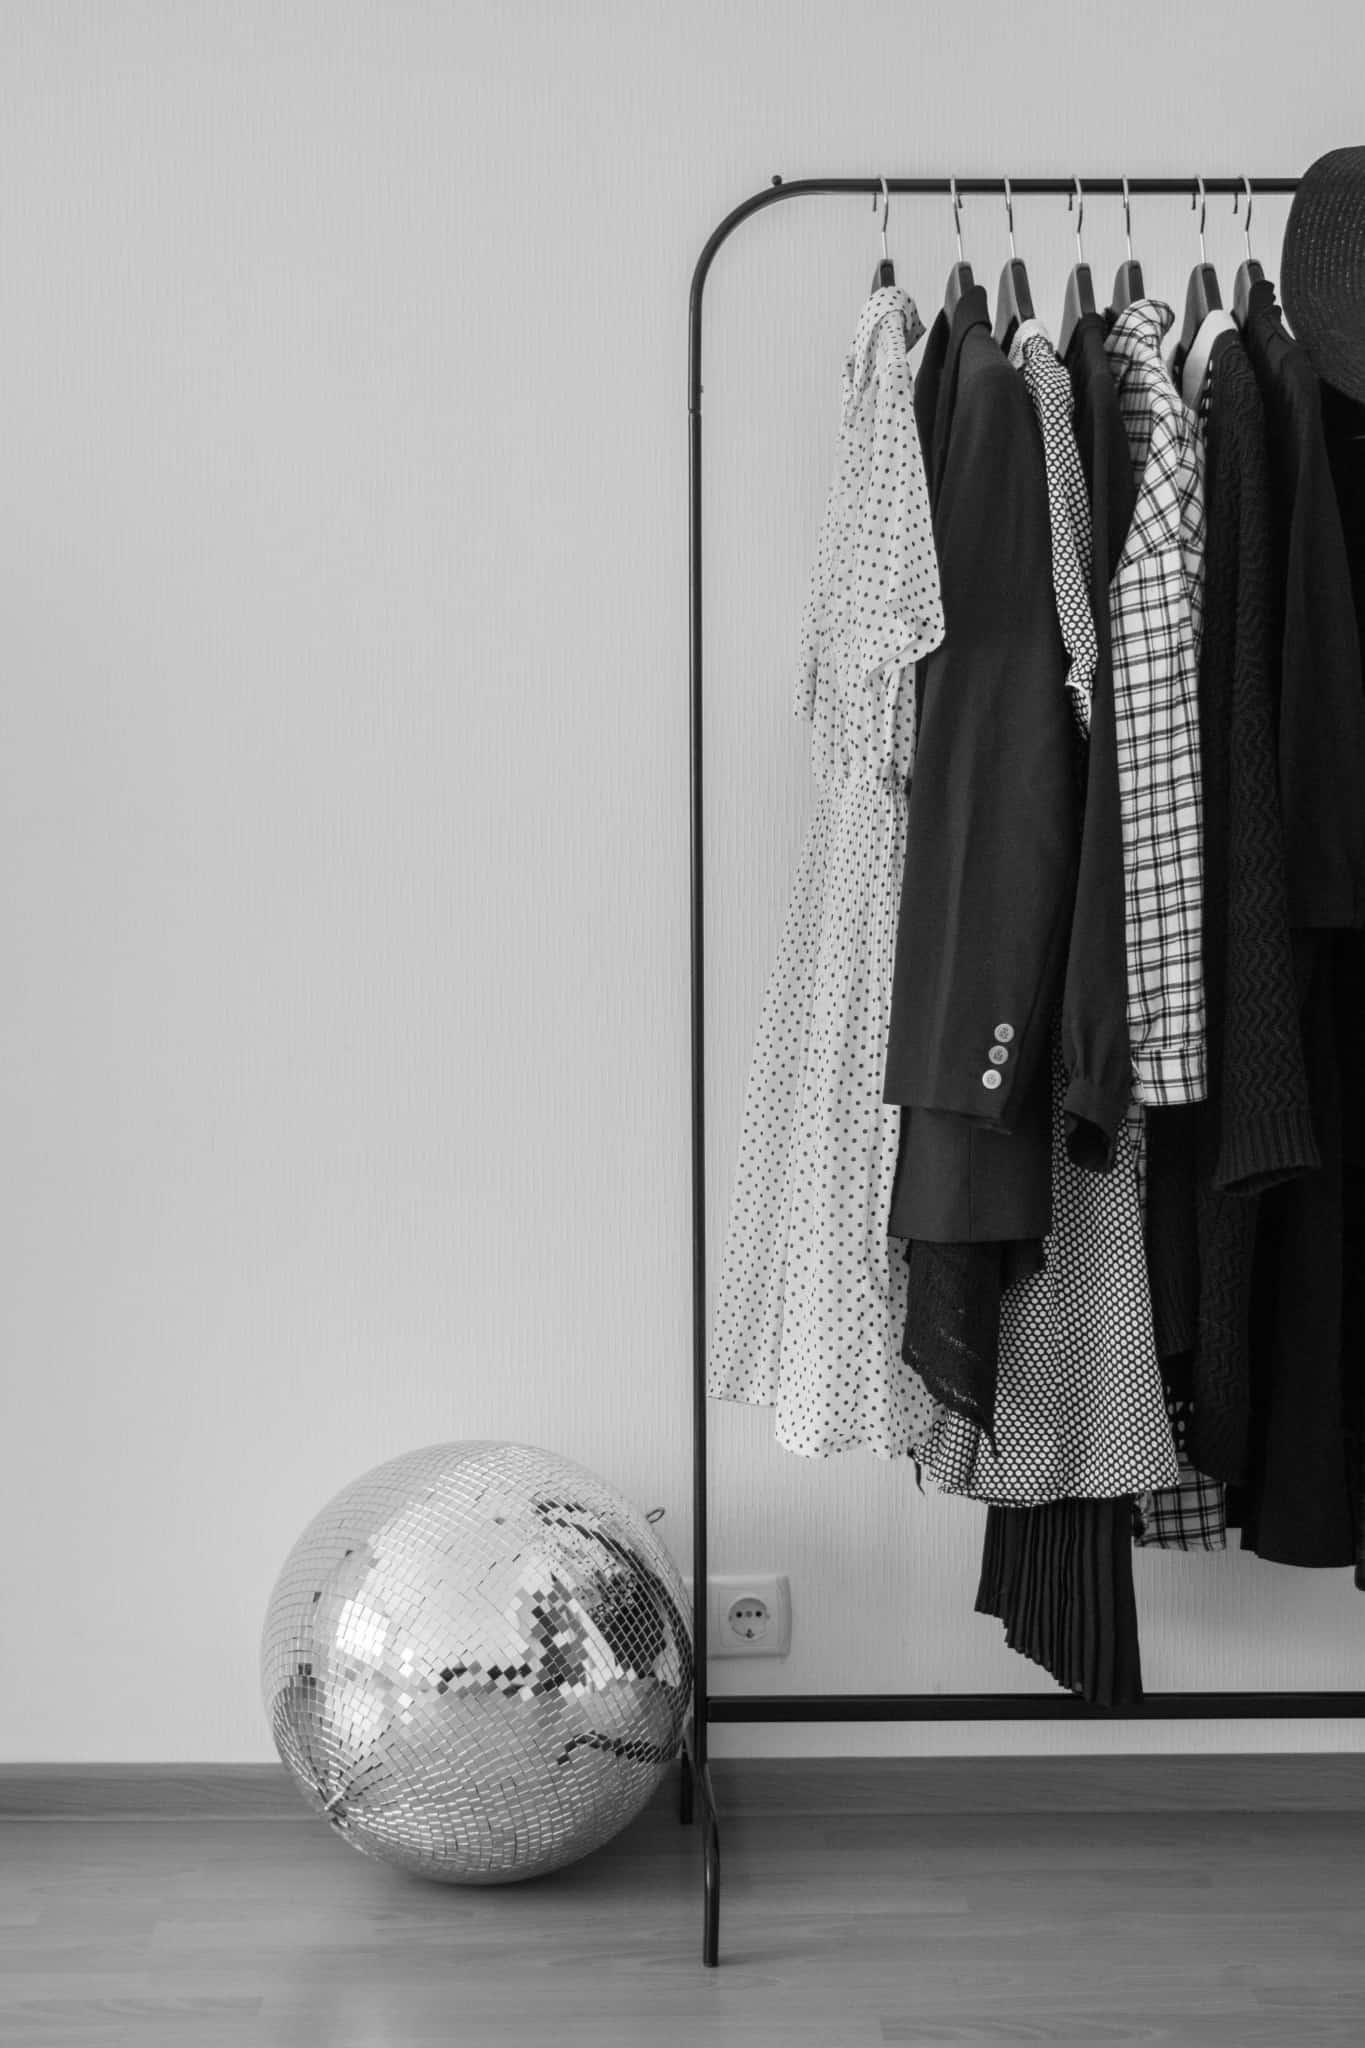 pequeno armário com vestidos pendurados